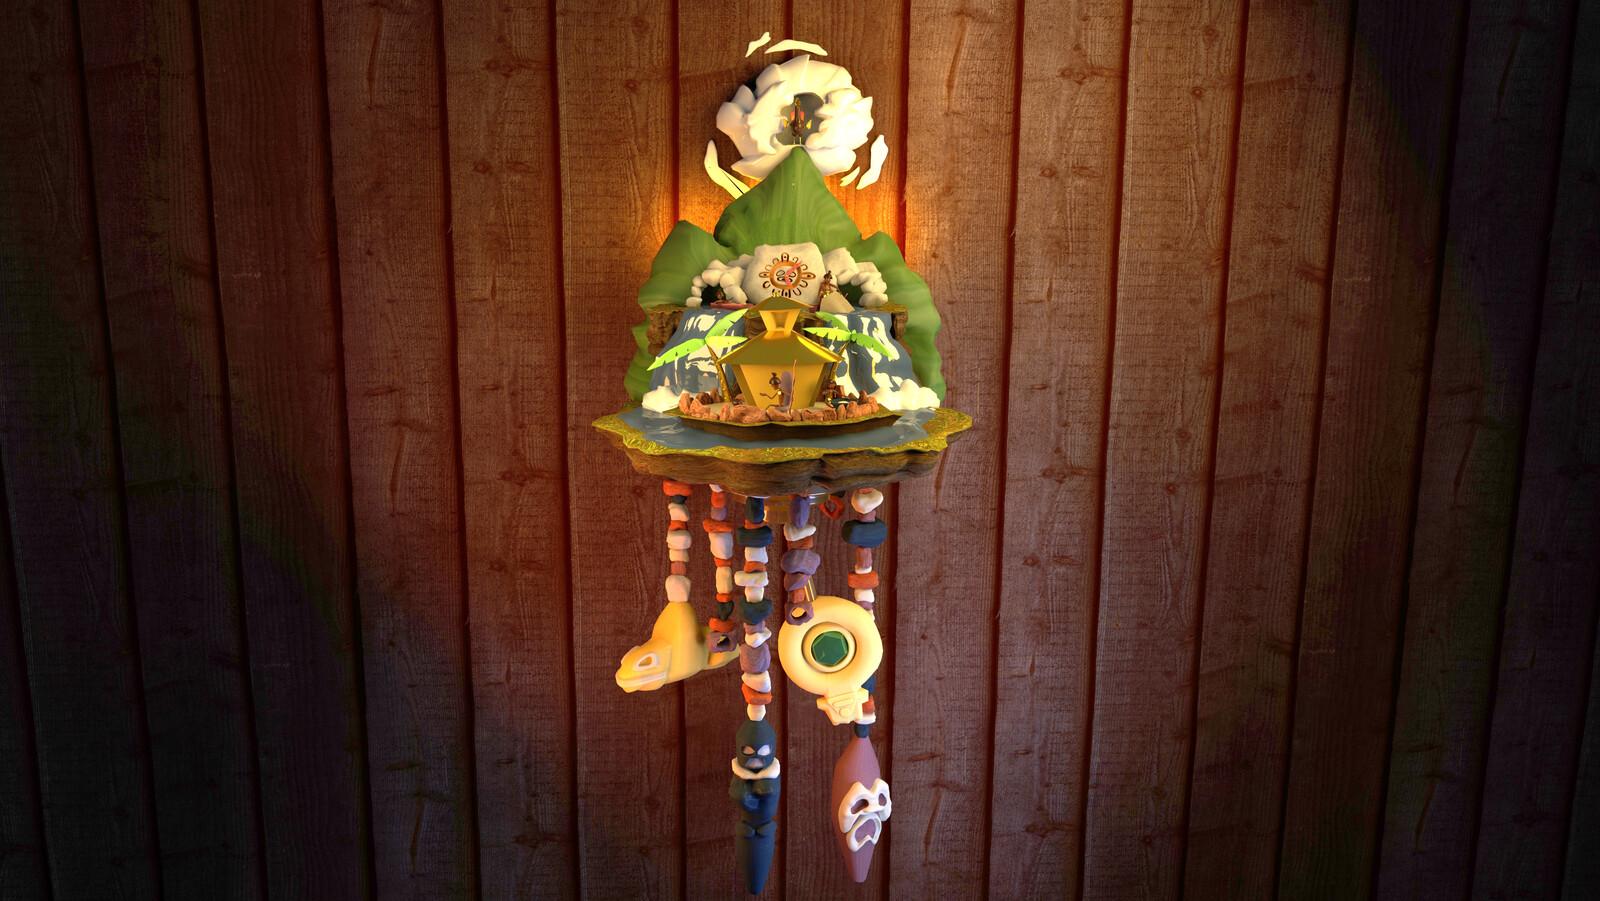 Taíno Cuckoo Clock